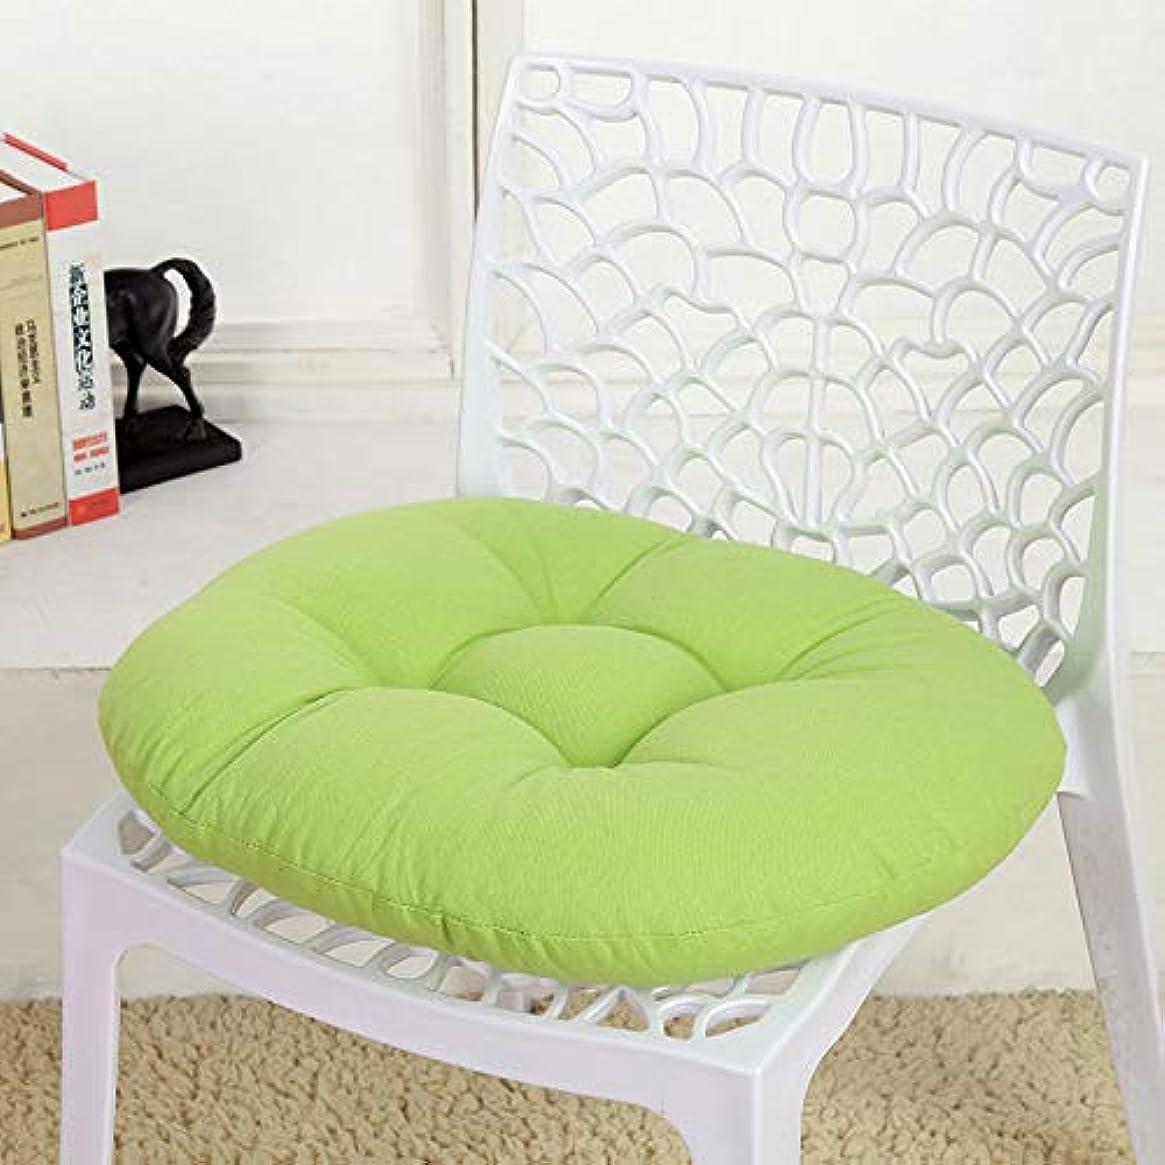 ハイキングに行くアロング荷物SMART キャンディカラーのクッションラウンドシートクッション波ウィンドウシートクッションクッション家の装飾パッドラウンド枕シート枕椅子座る枕 クッション 椅子